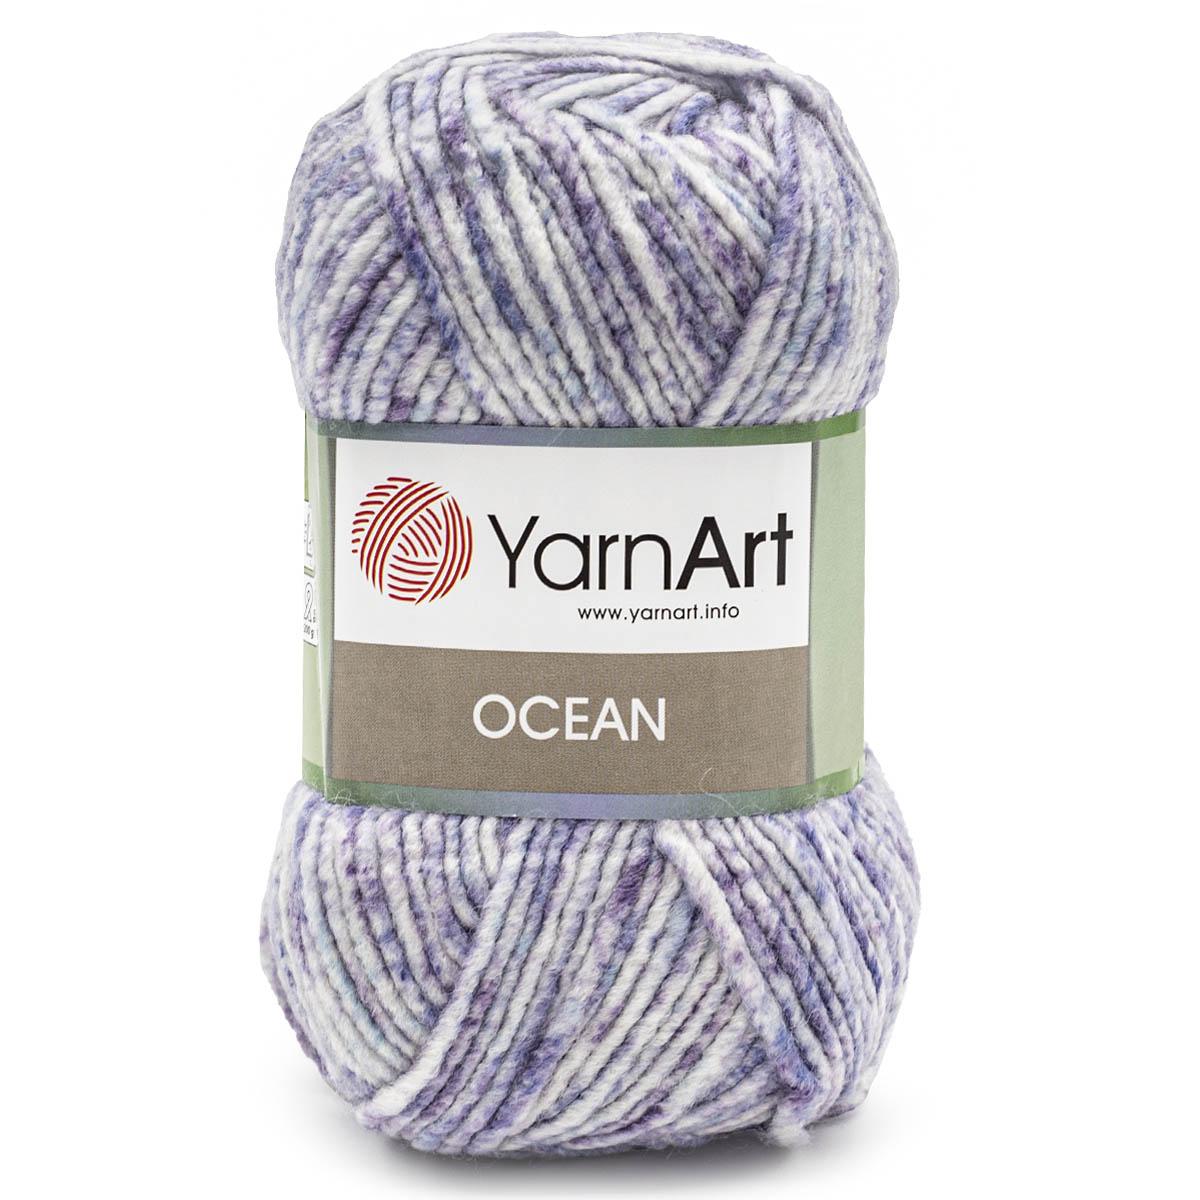 Пряжа YarnArt 'Ocean' 100гр 180м (20% шерсть, 80% акрил)